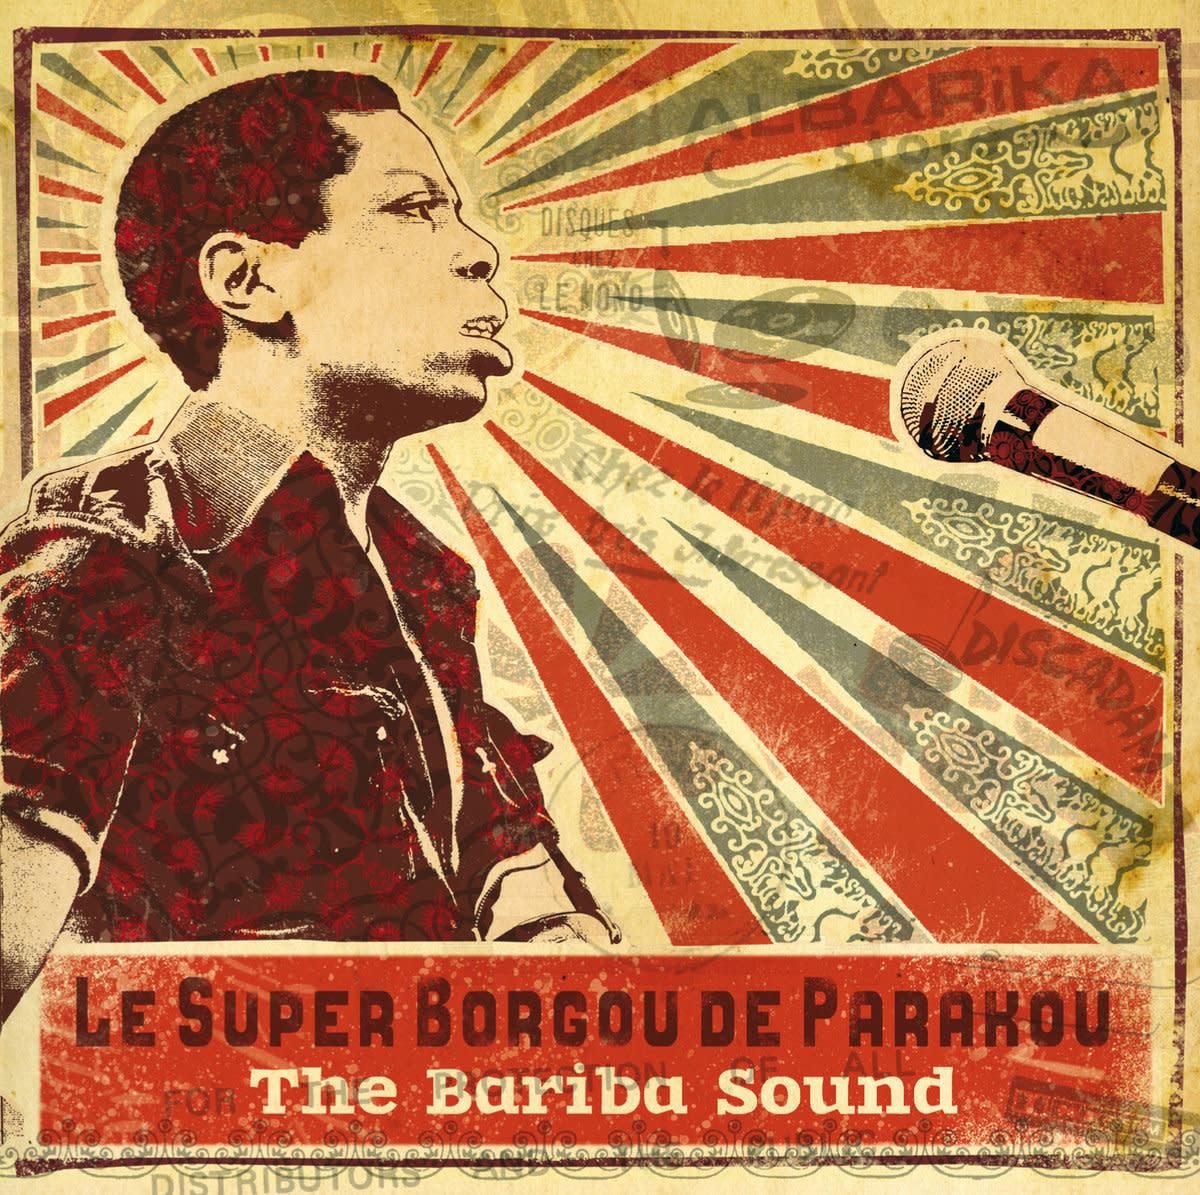 Orchestre Super Bourgou de Parakou • The Bariba Sound-1